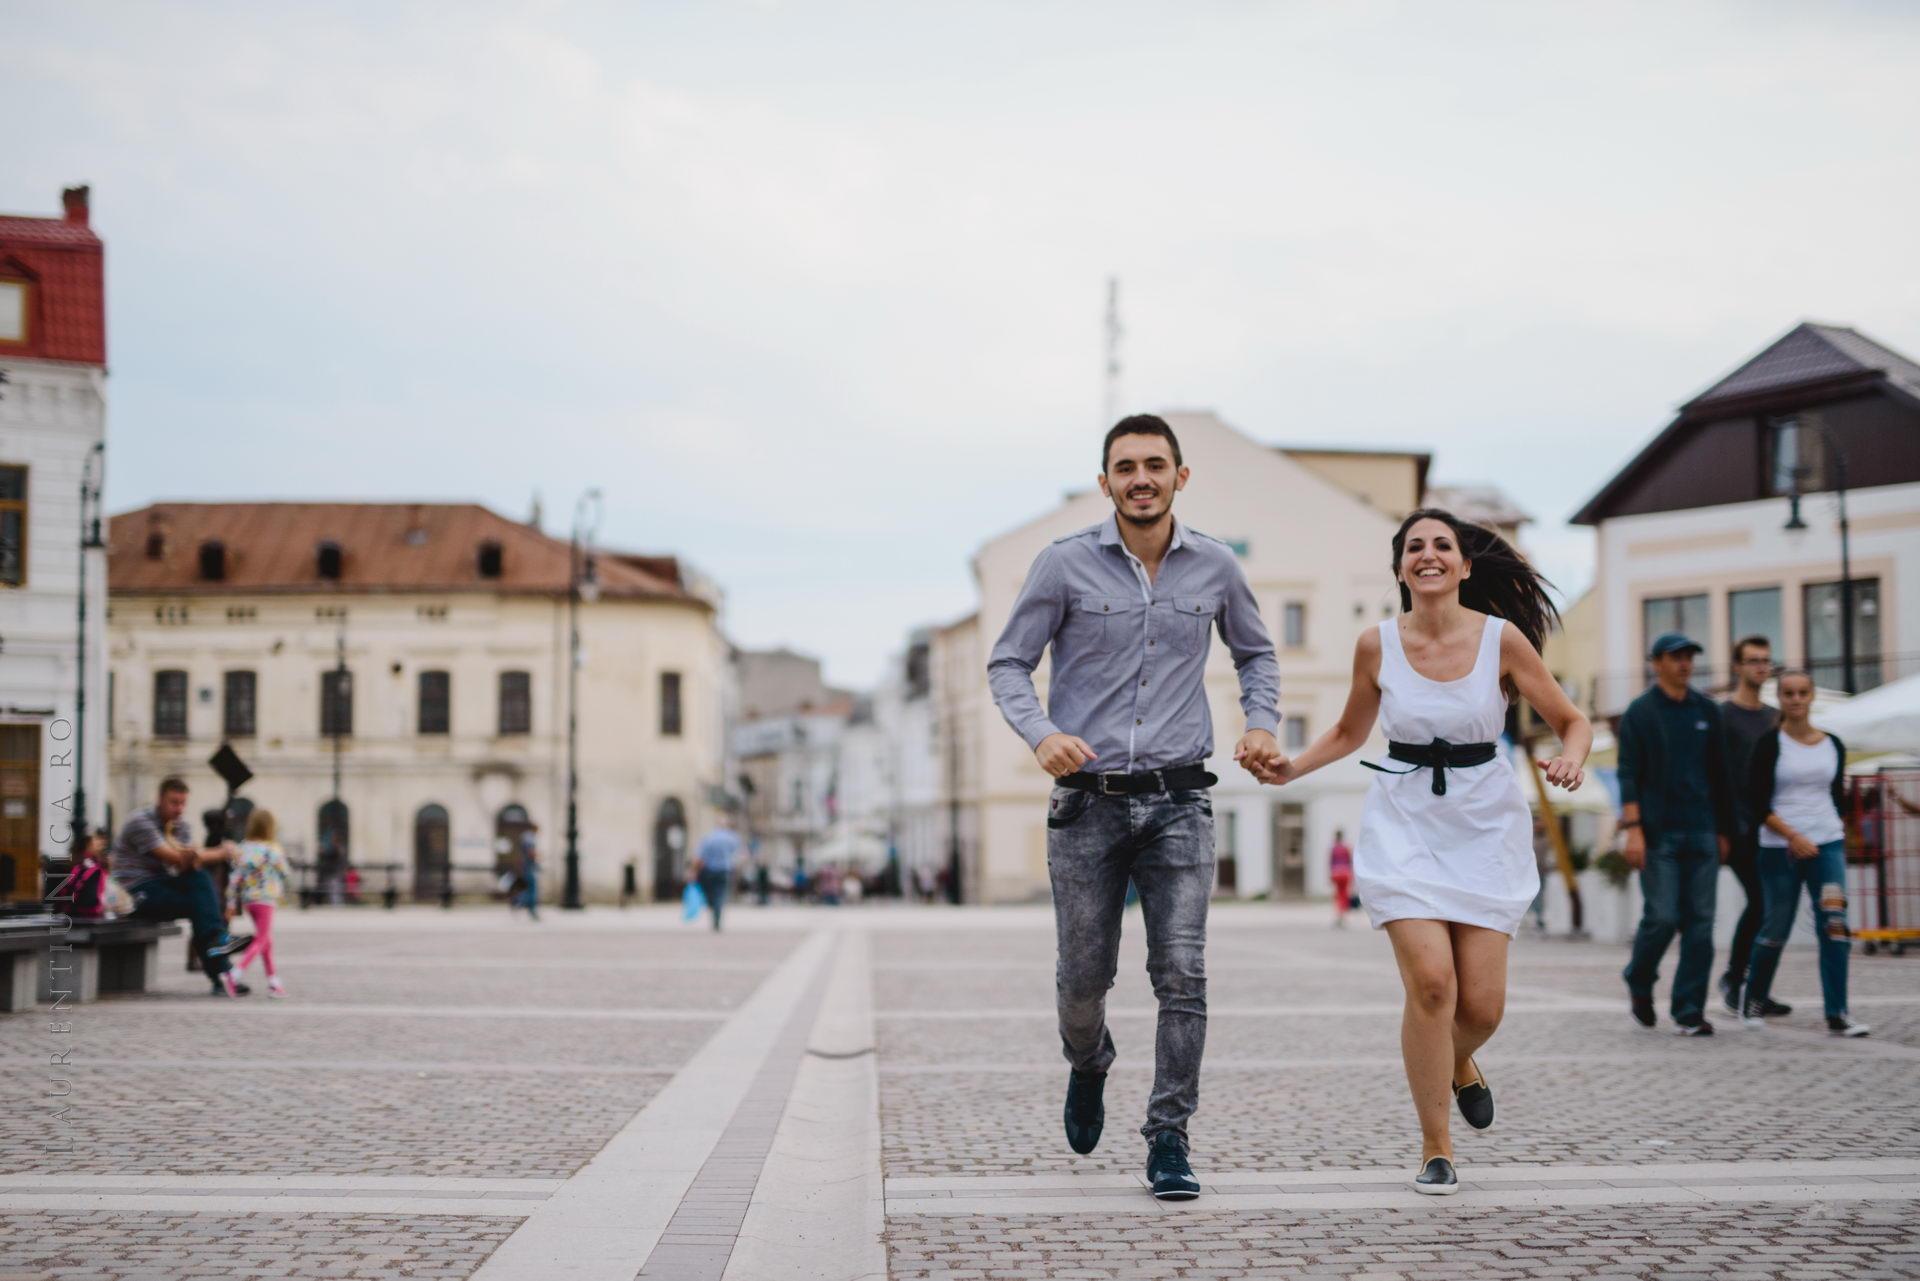 sedinta foto save the date fotograf laurentiu nica craiova 18 - Ramona & Marius | Sedinta foto Save the Date